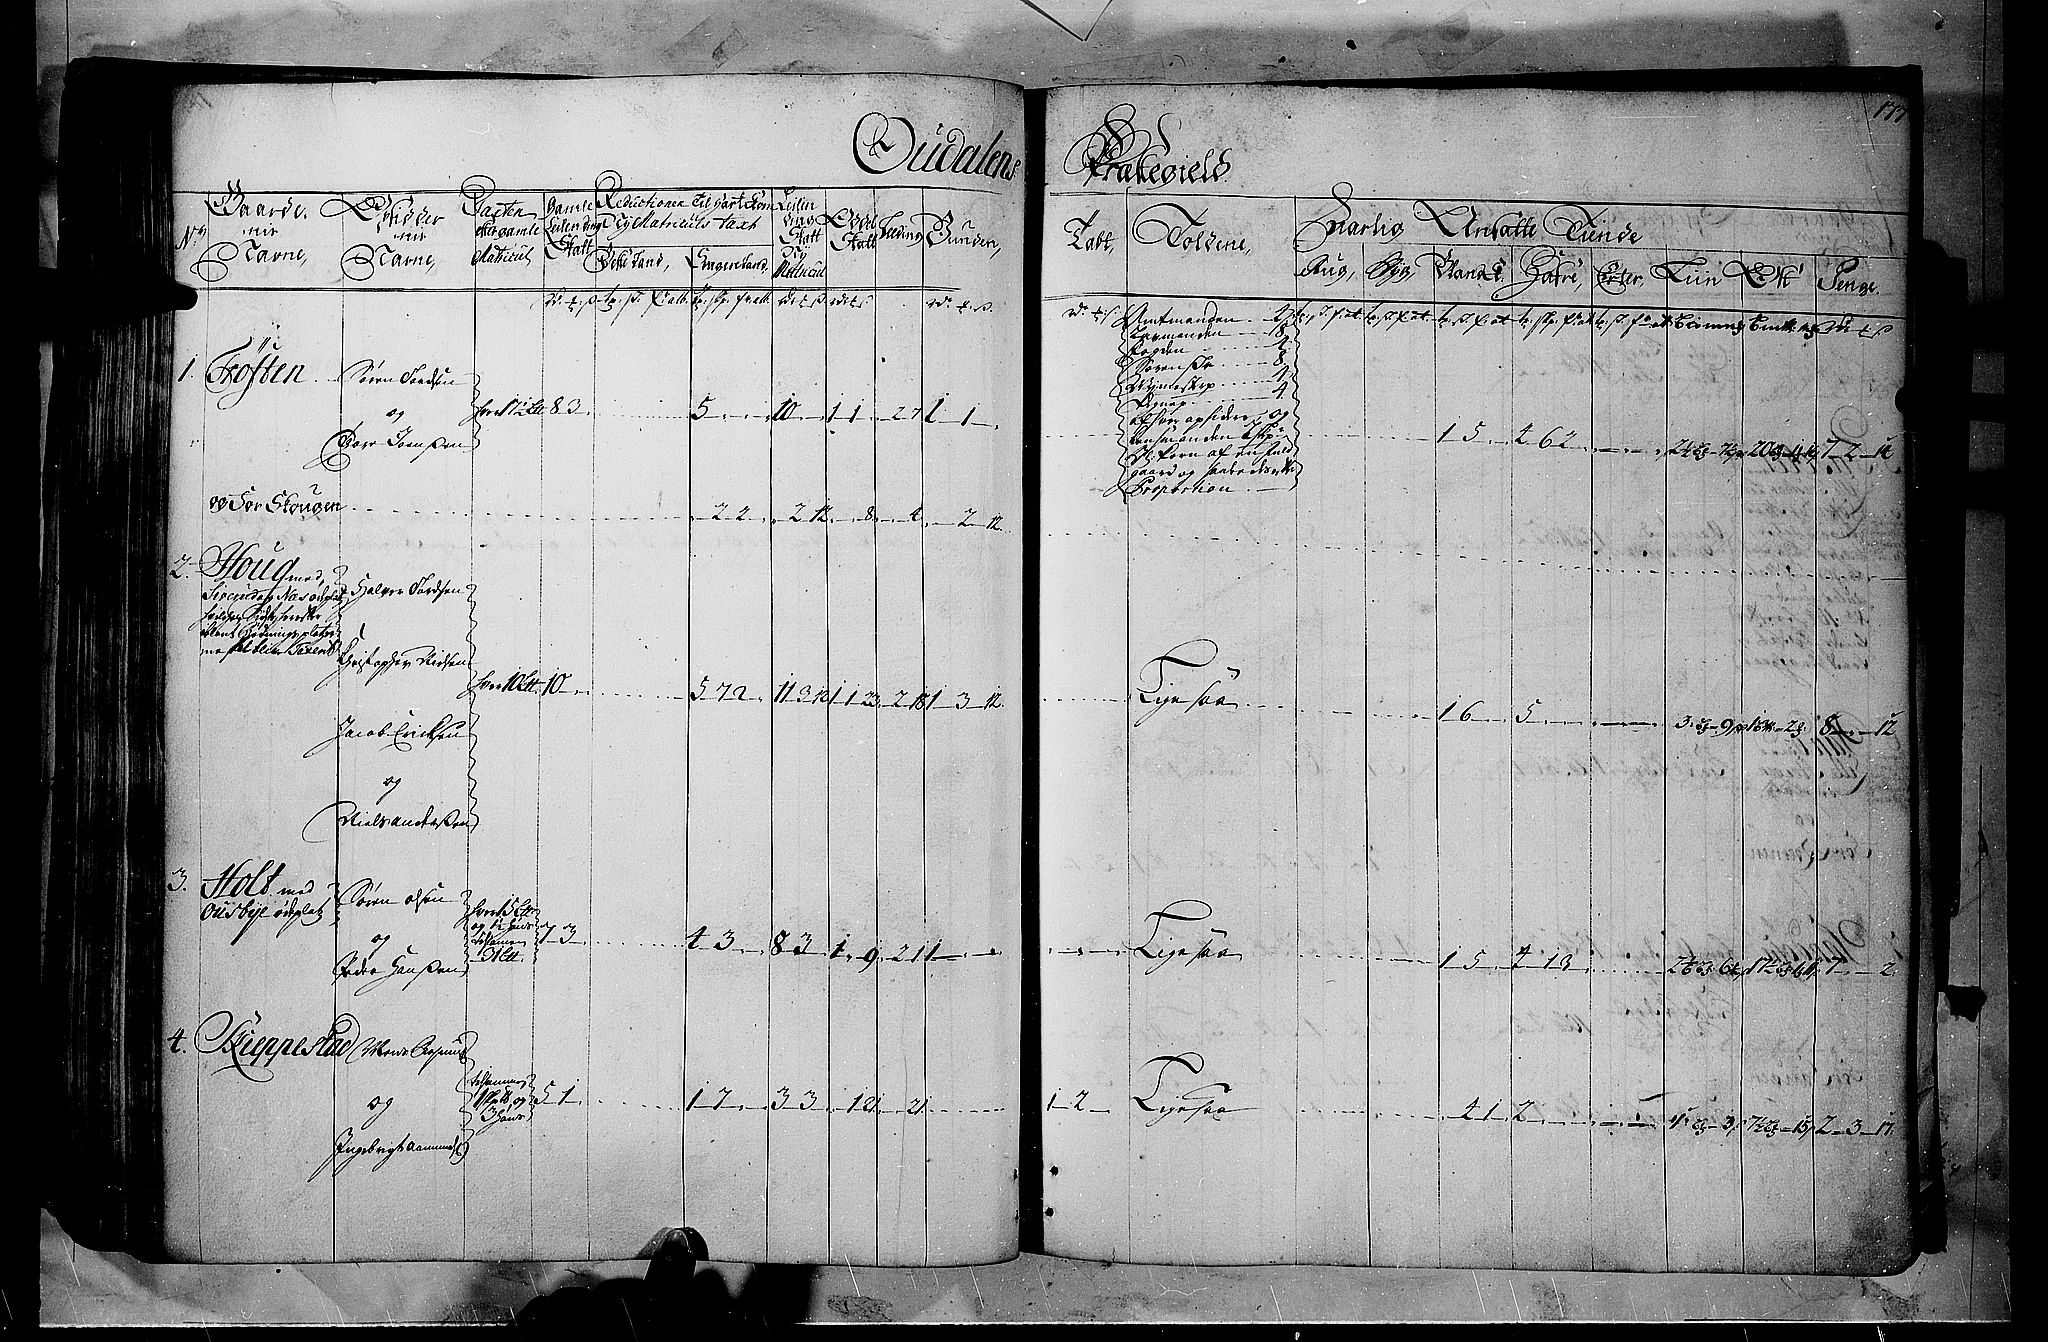 RA, Rentekammeret inntil 1814, Realistisk ordnet avdeling, N/Nb/Nbf/L0102: Solør, Østerdalen og Odal matrikkelprotokoll, 1723, s. 176b-177a